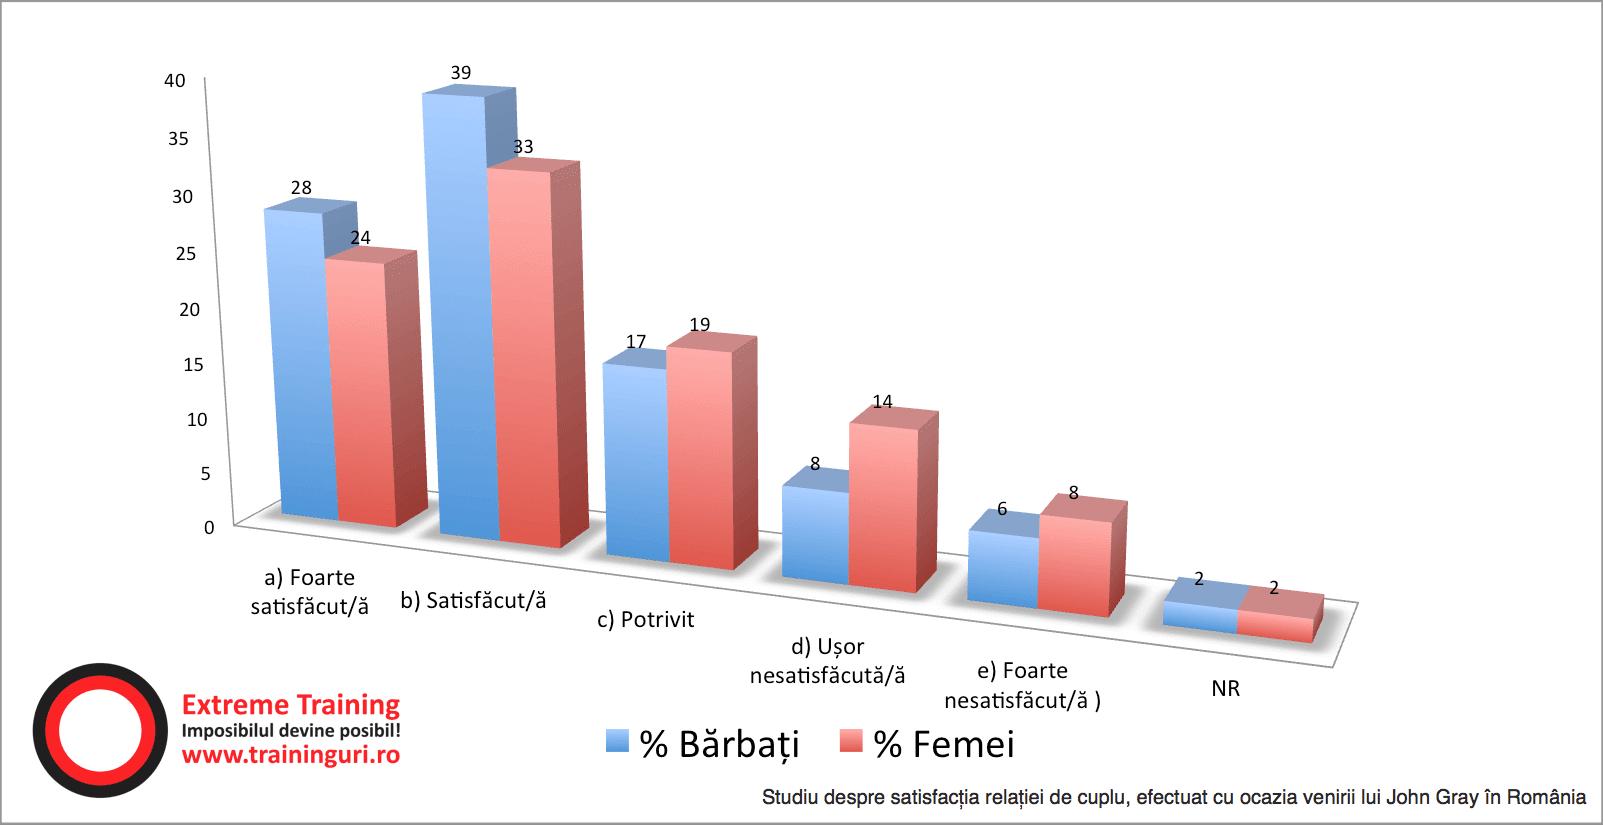 satisfactia relatiei de cuplu - comparativ barbati si femei